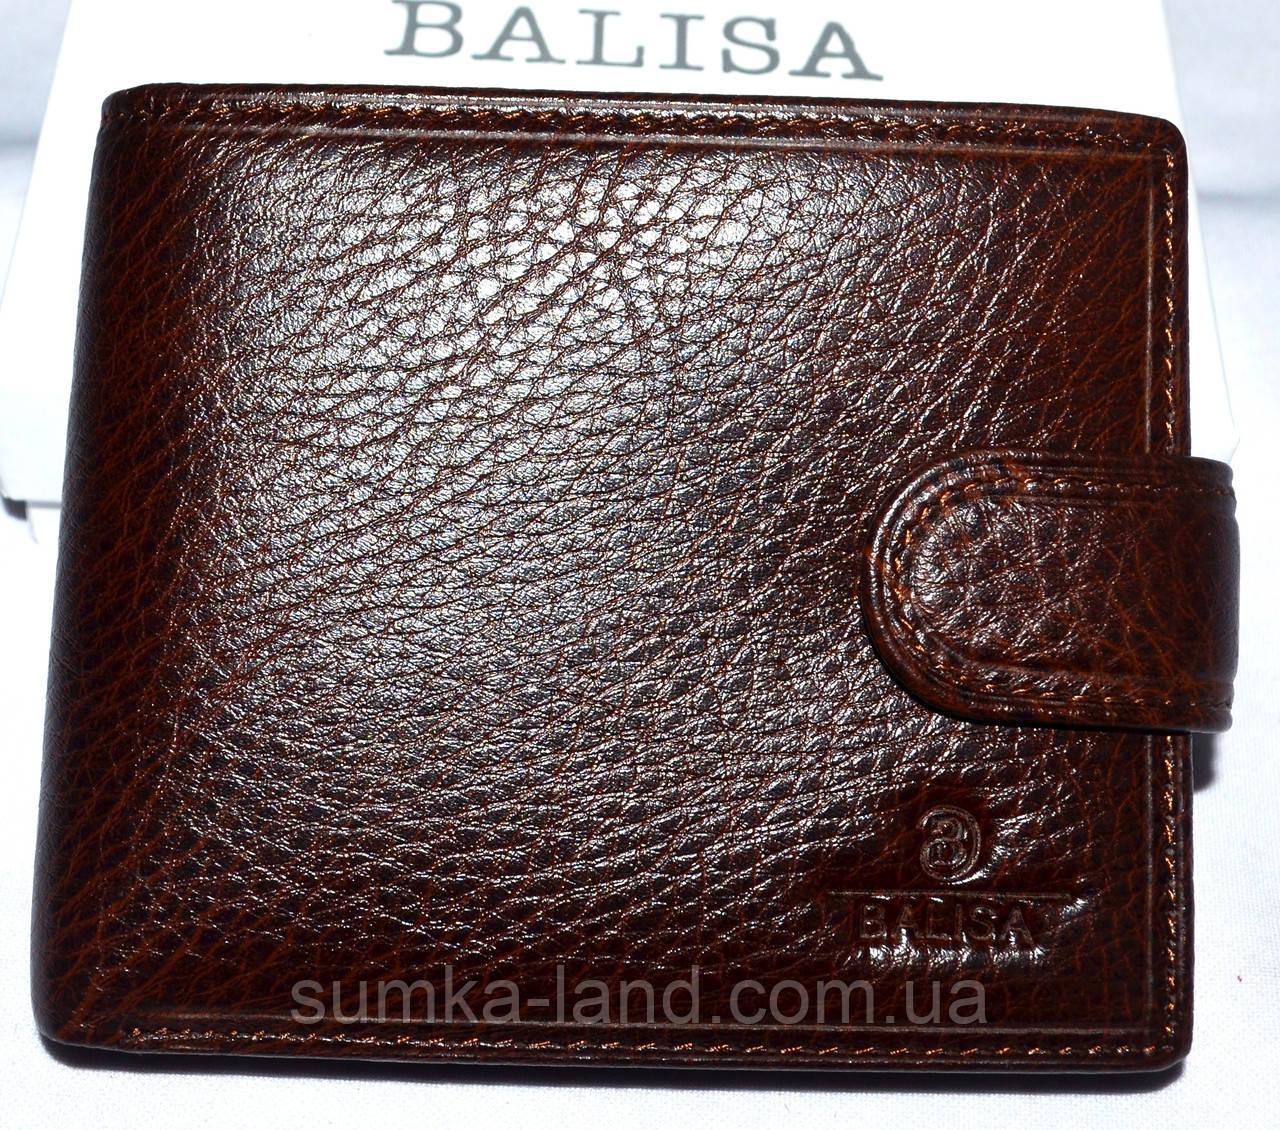 Мужской горизонтальный каштановый кошелек из натуральной кожи Balisa 11,5*10 см